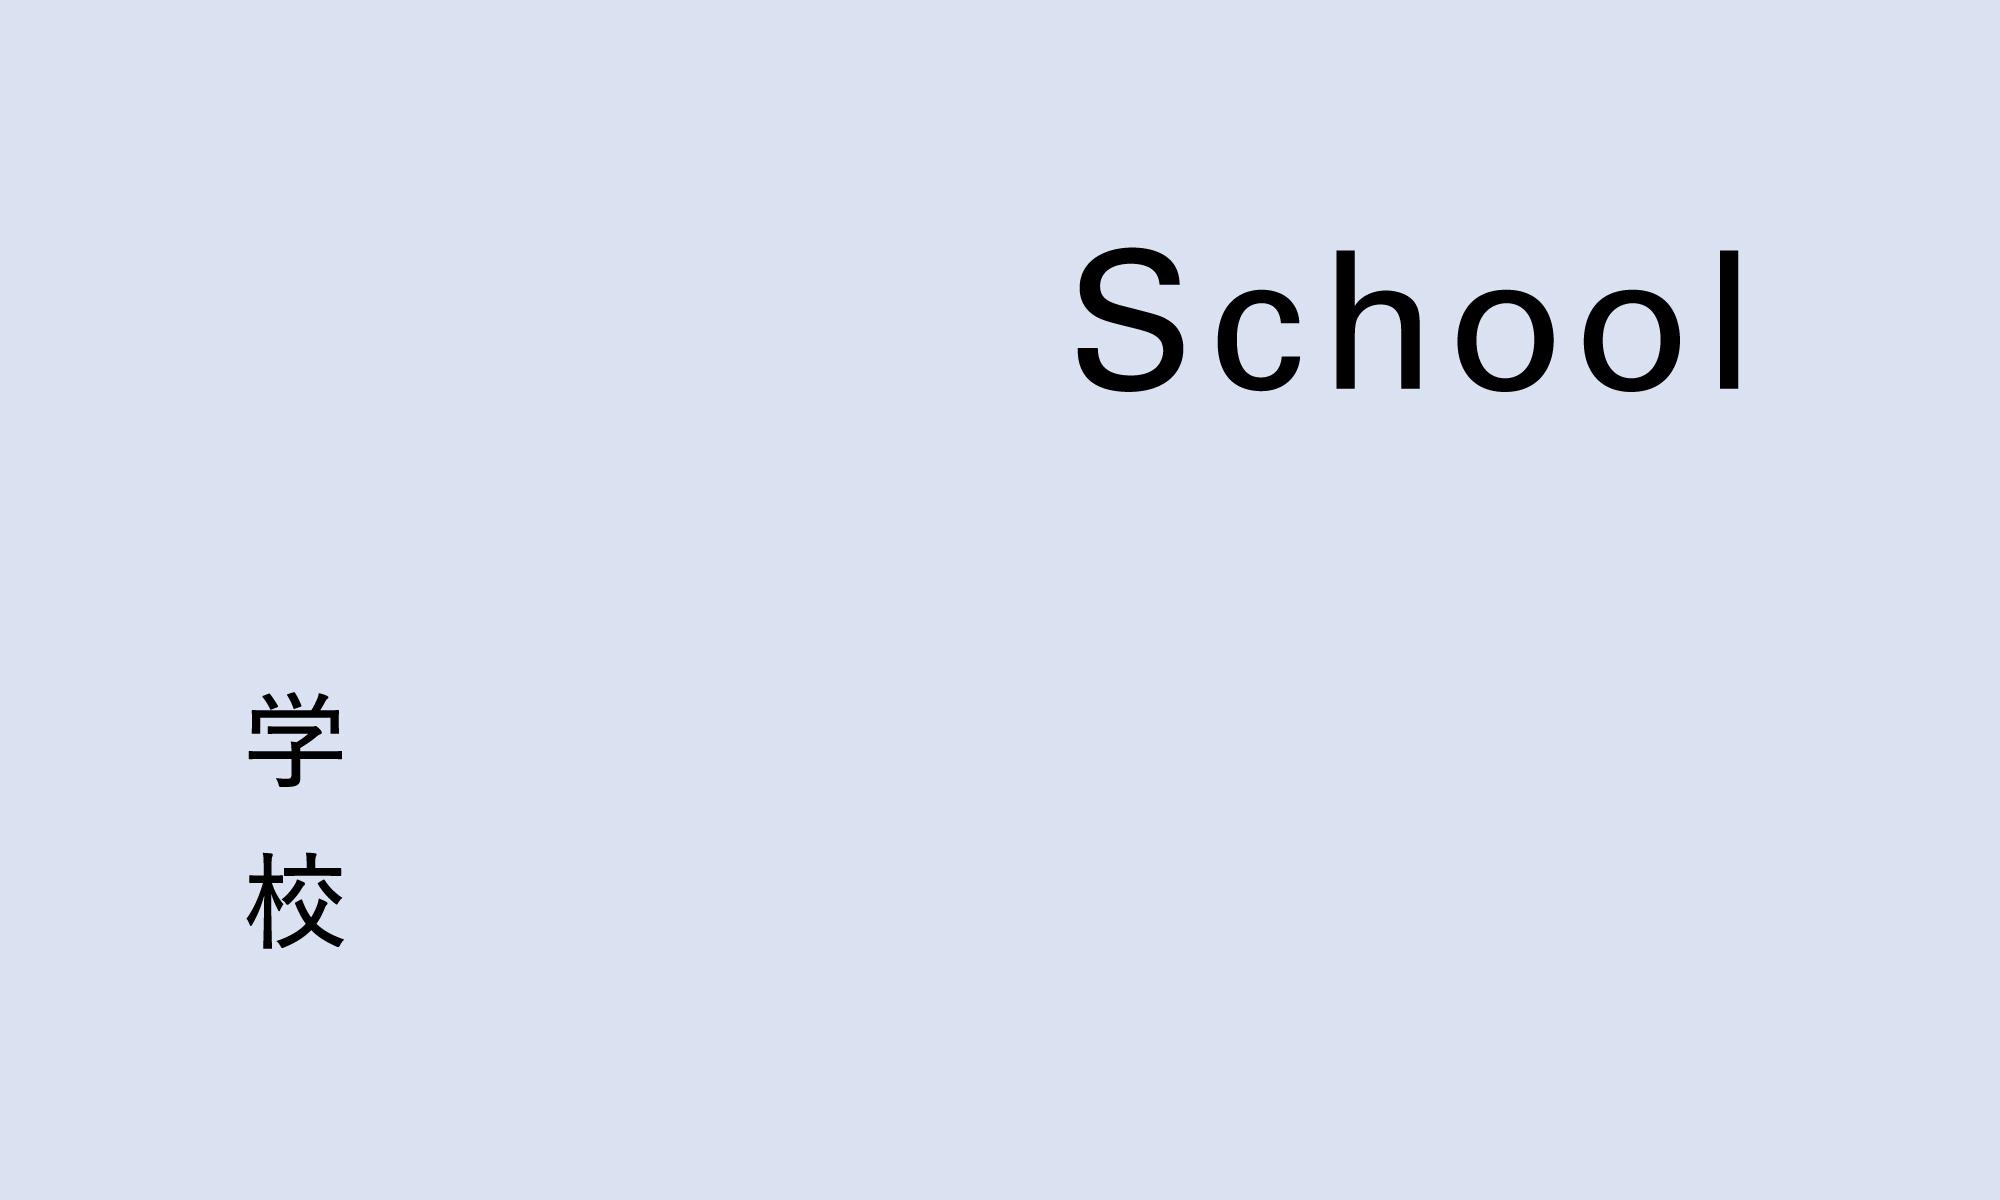 僕が選んだフィリピンの学校